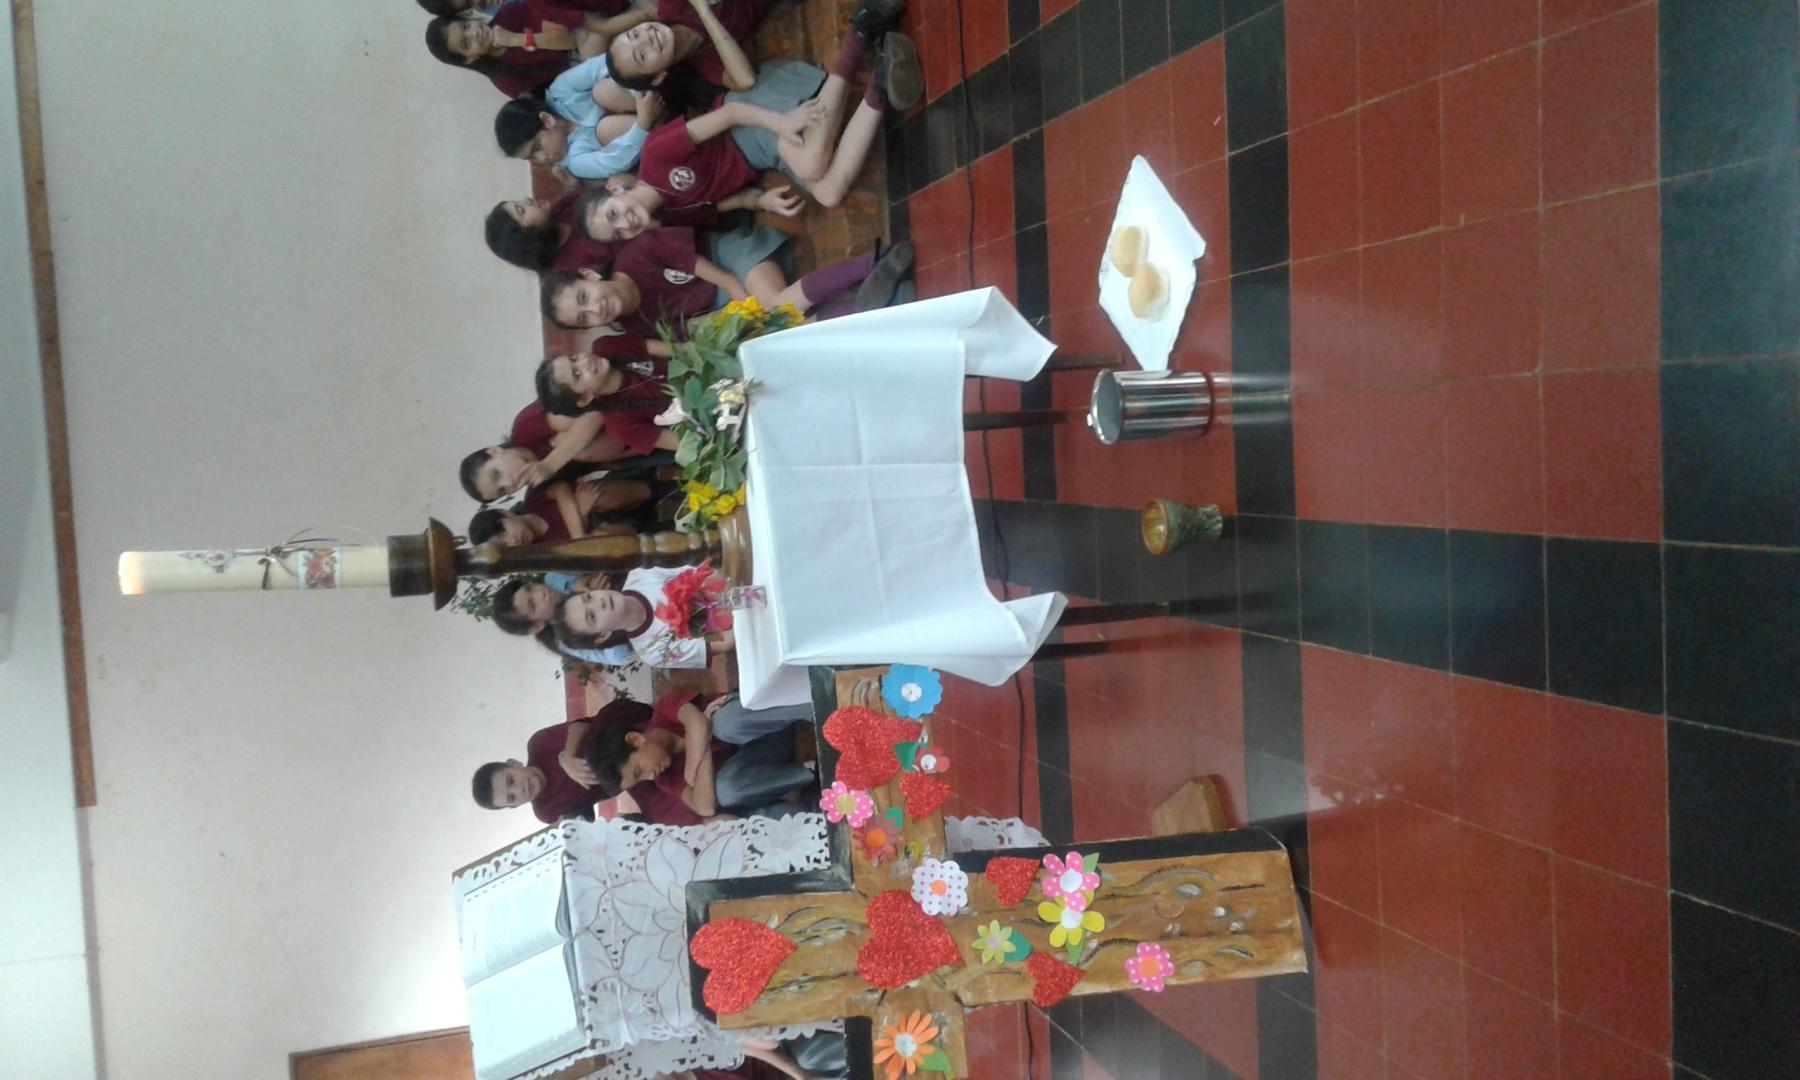 viernes-santo-en-inst-san-jos_39400064020_o